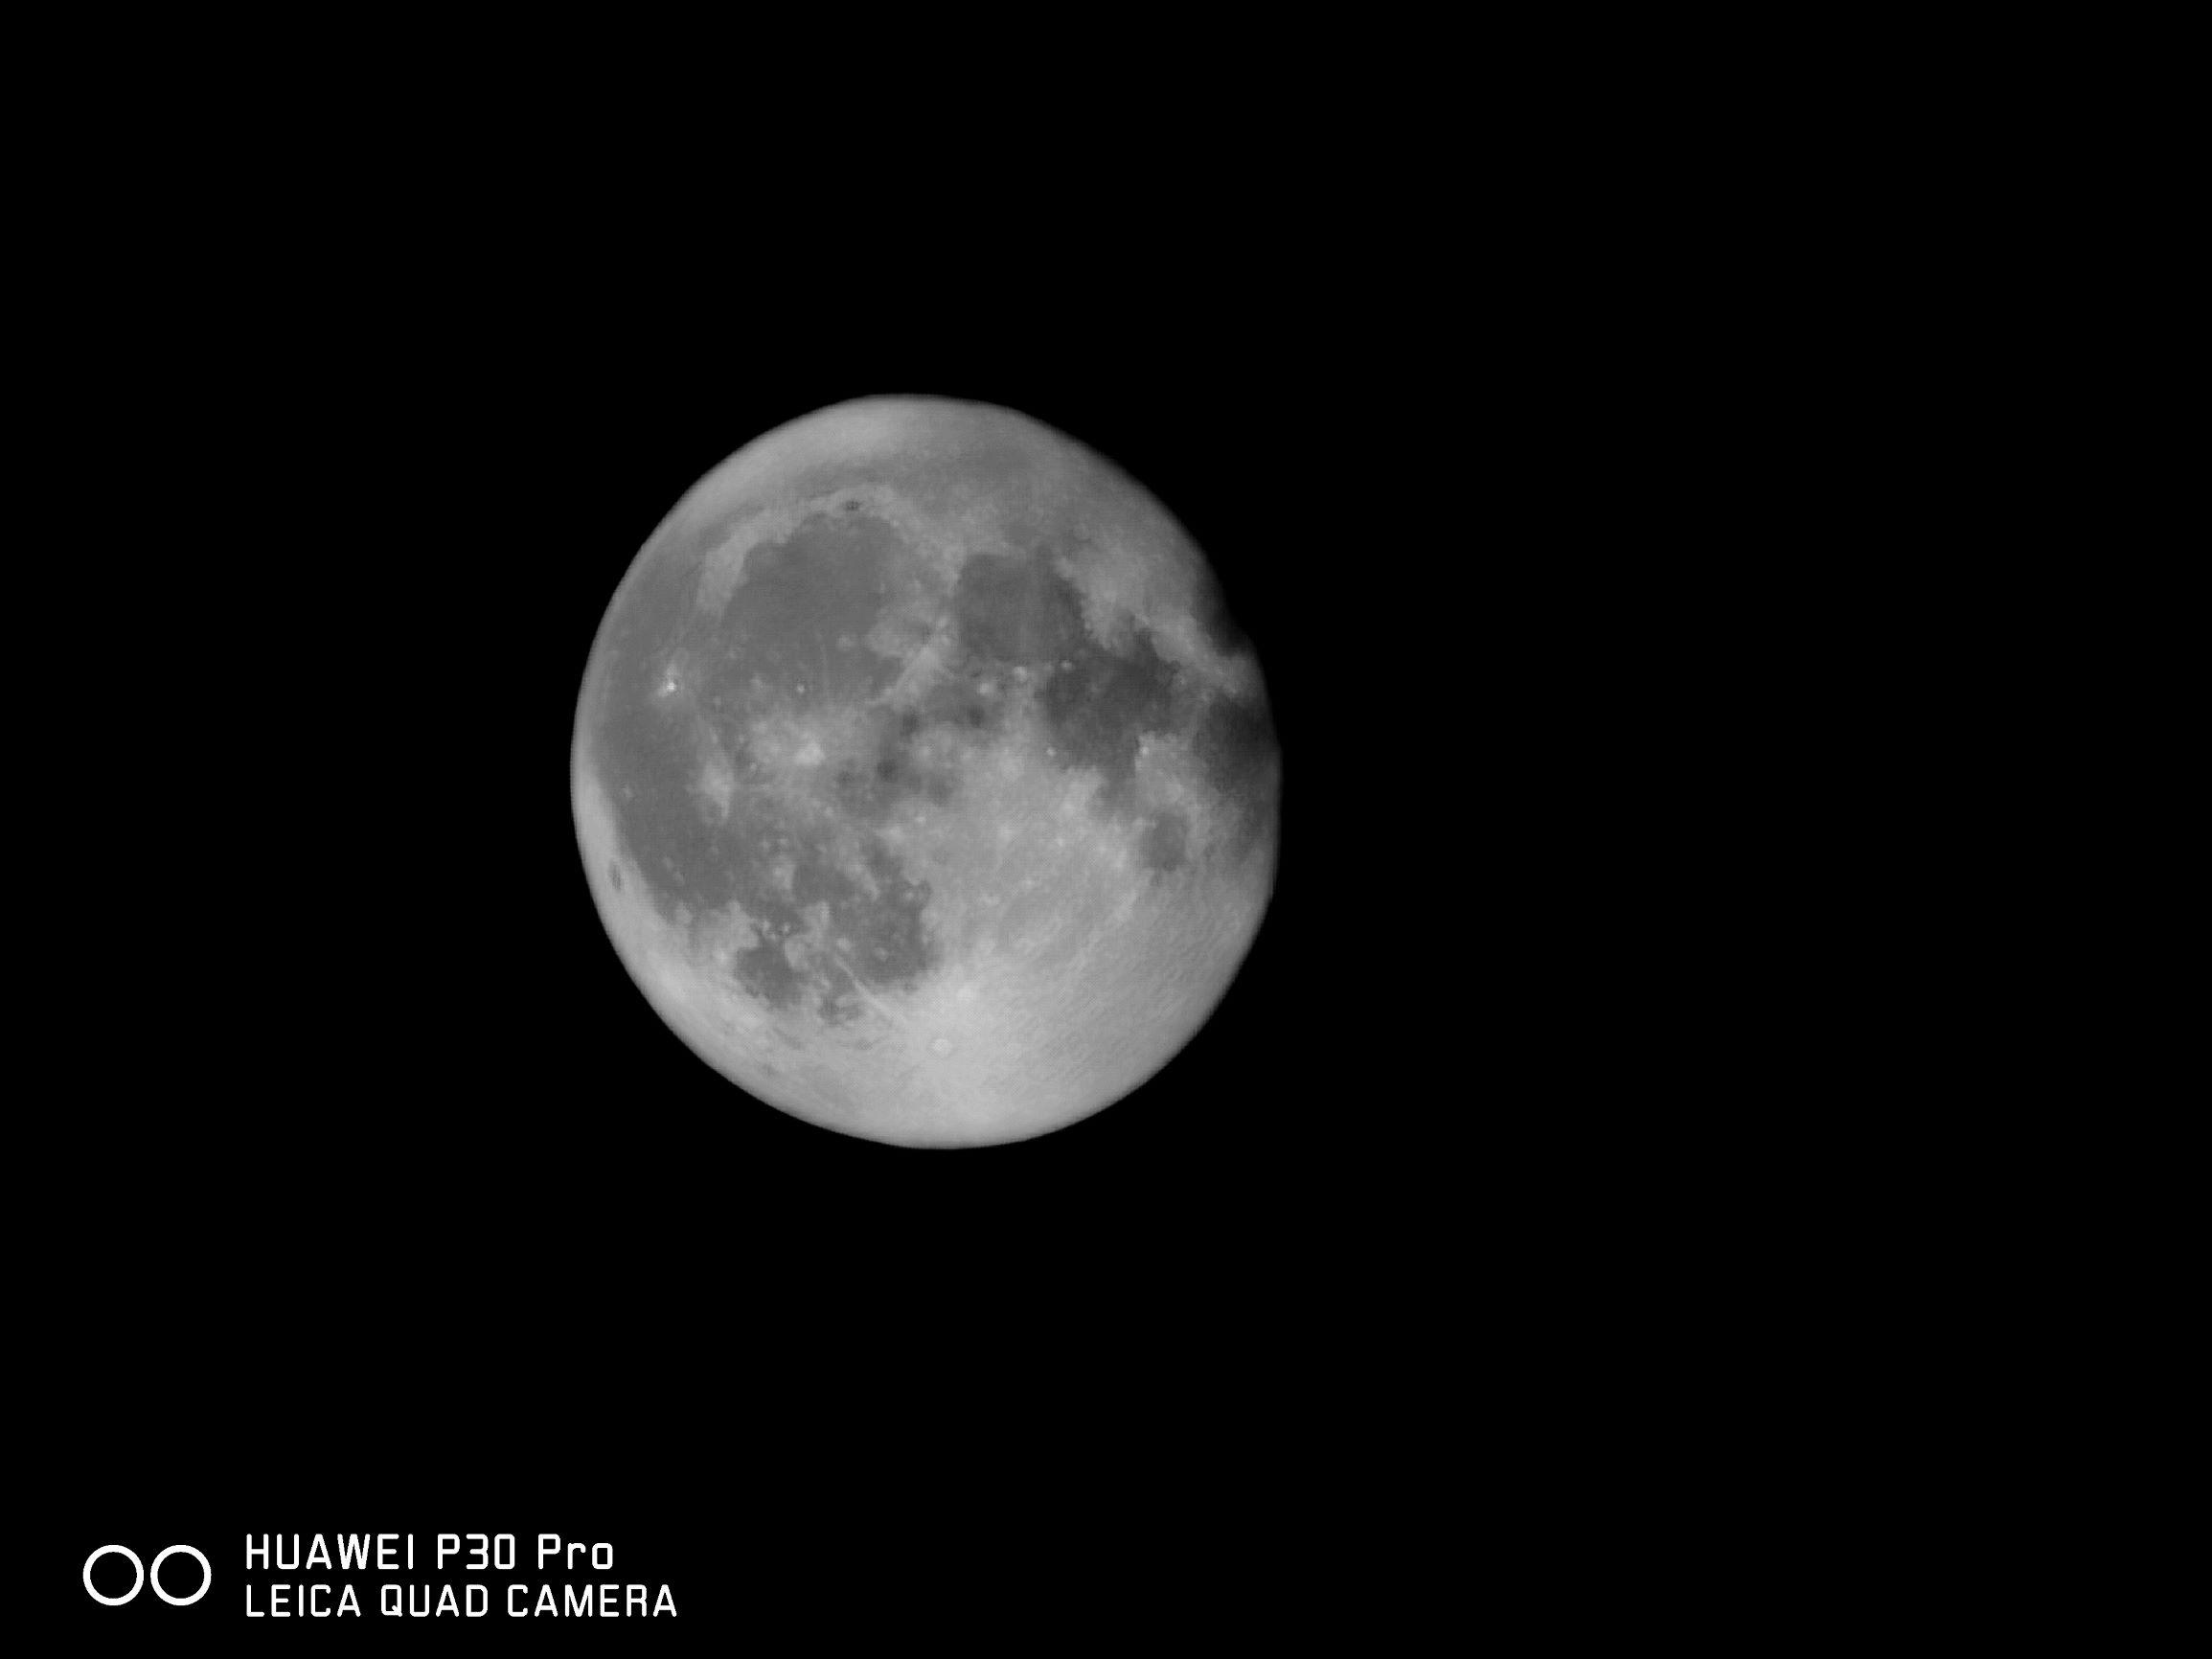 Învață cum să stăpânești arta fotografiei nocturne